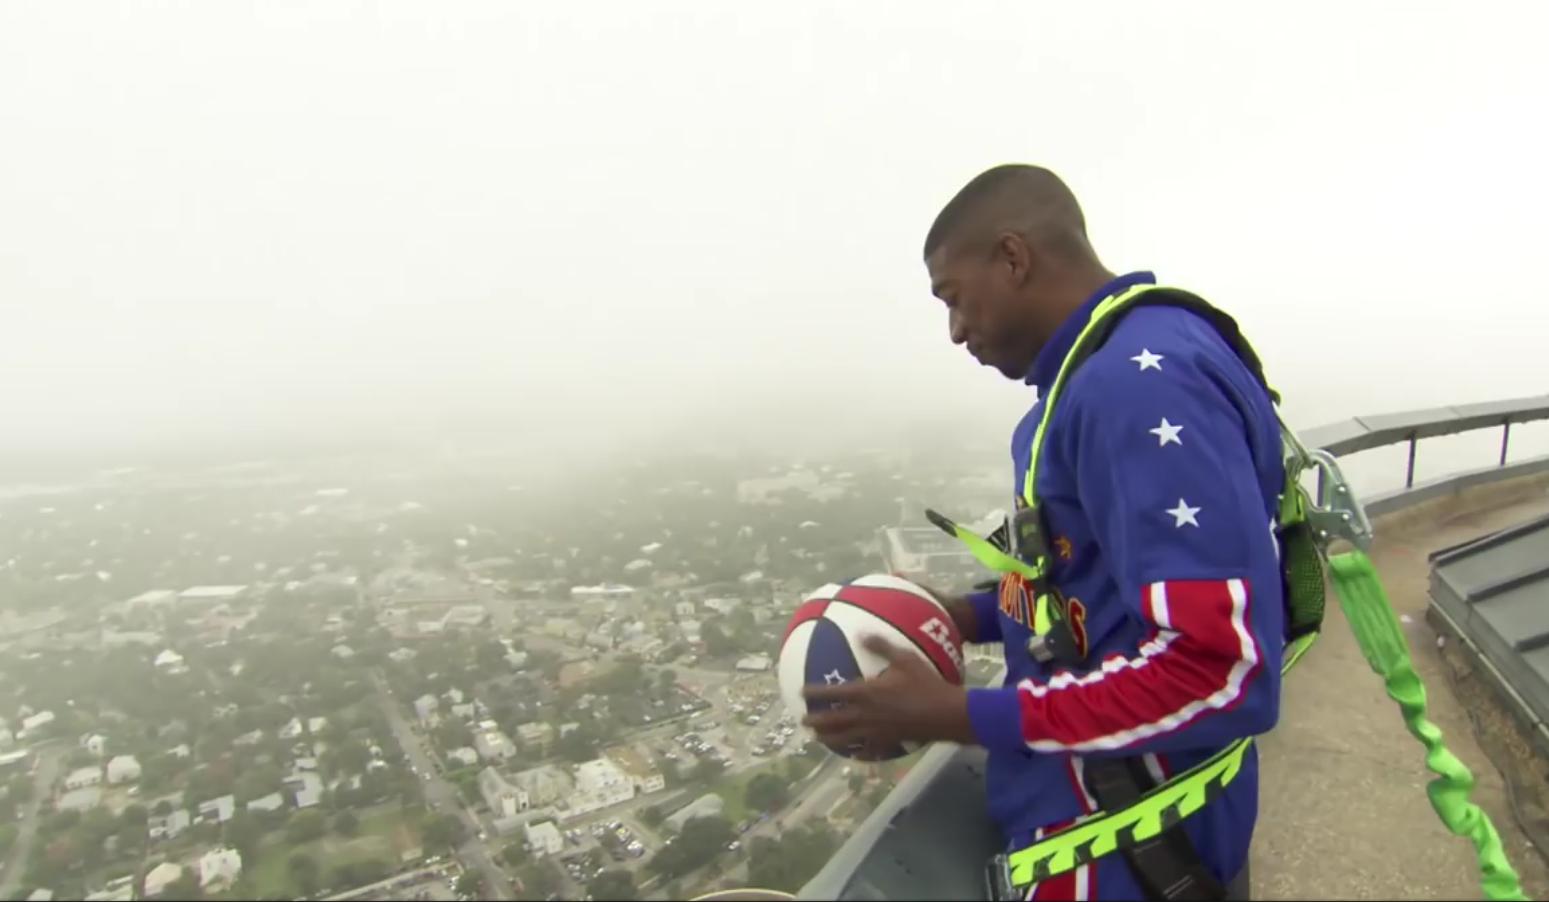 Un Harlem Globe Trotter marque de 177 mètres de haut !